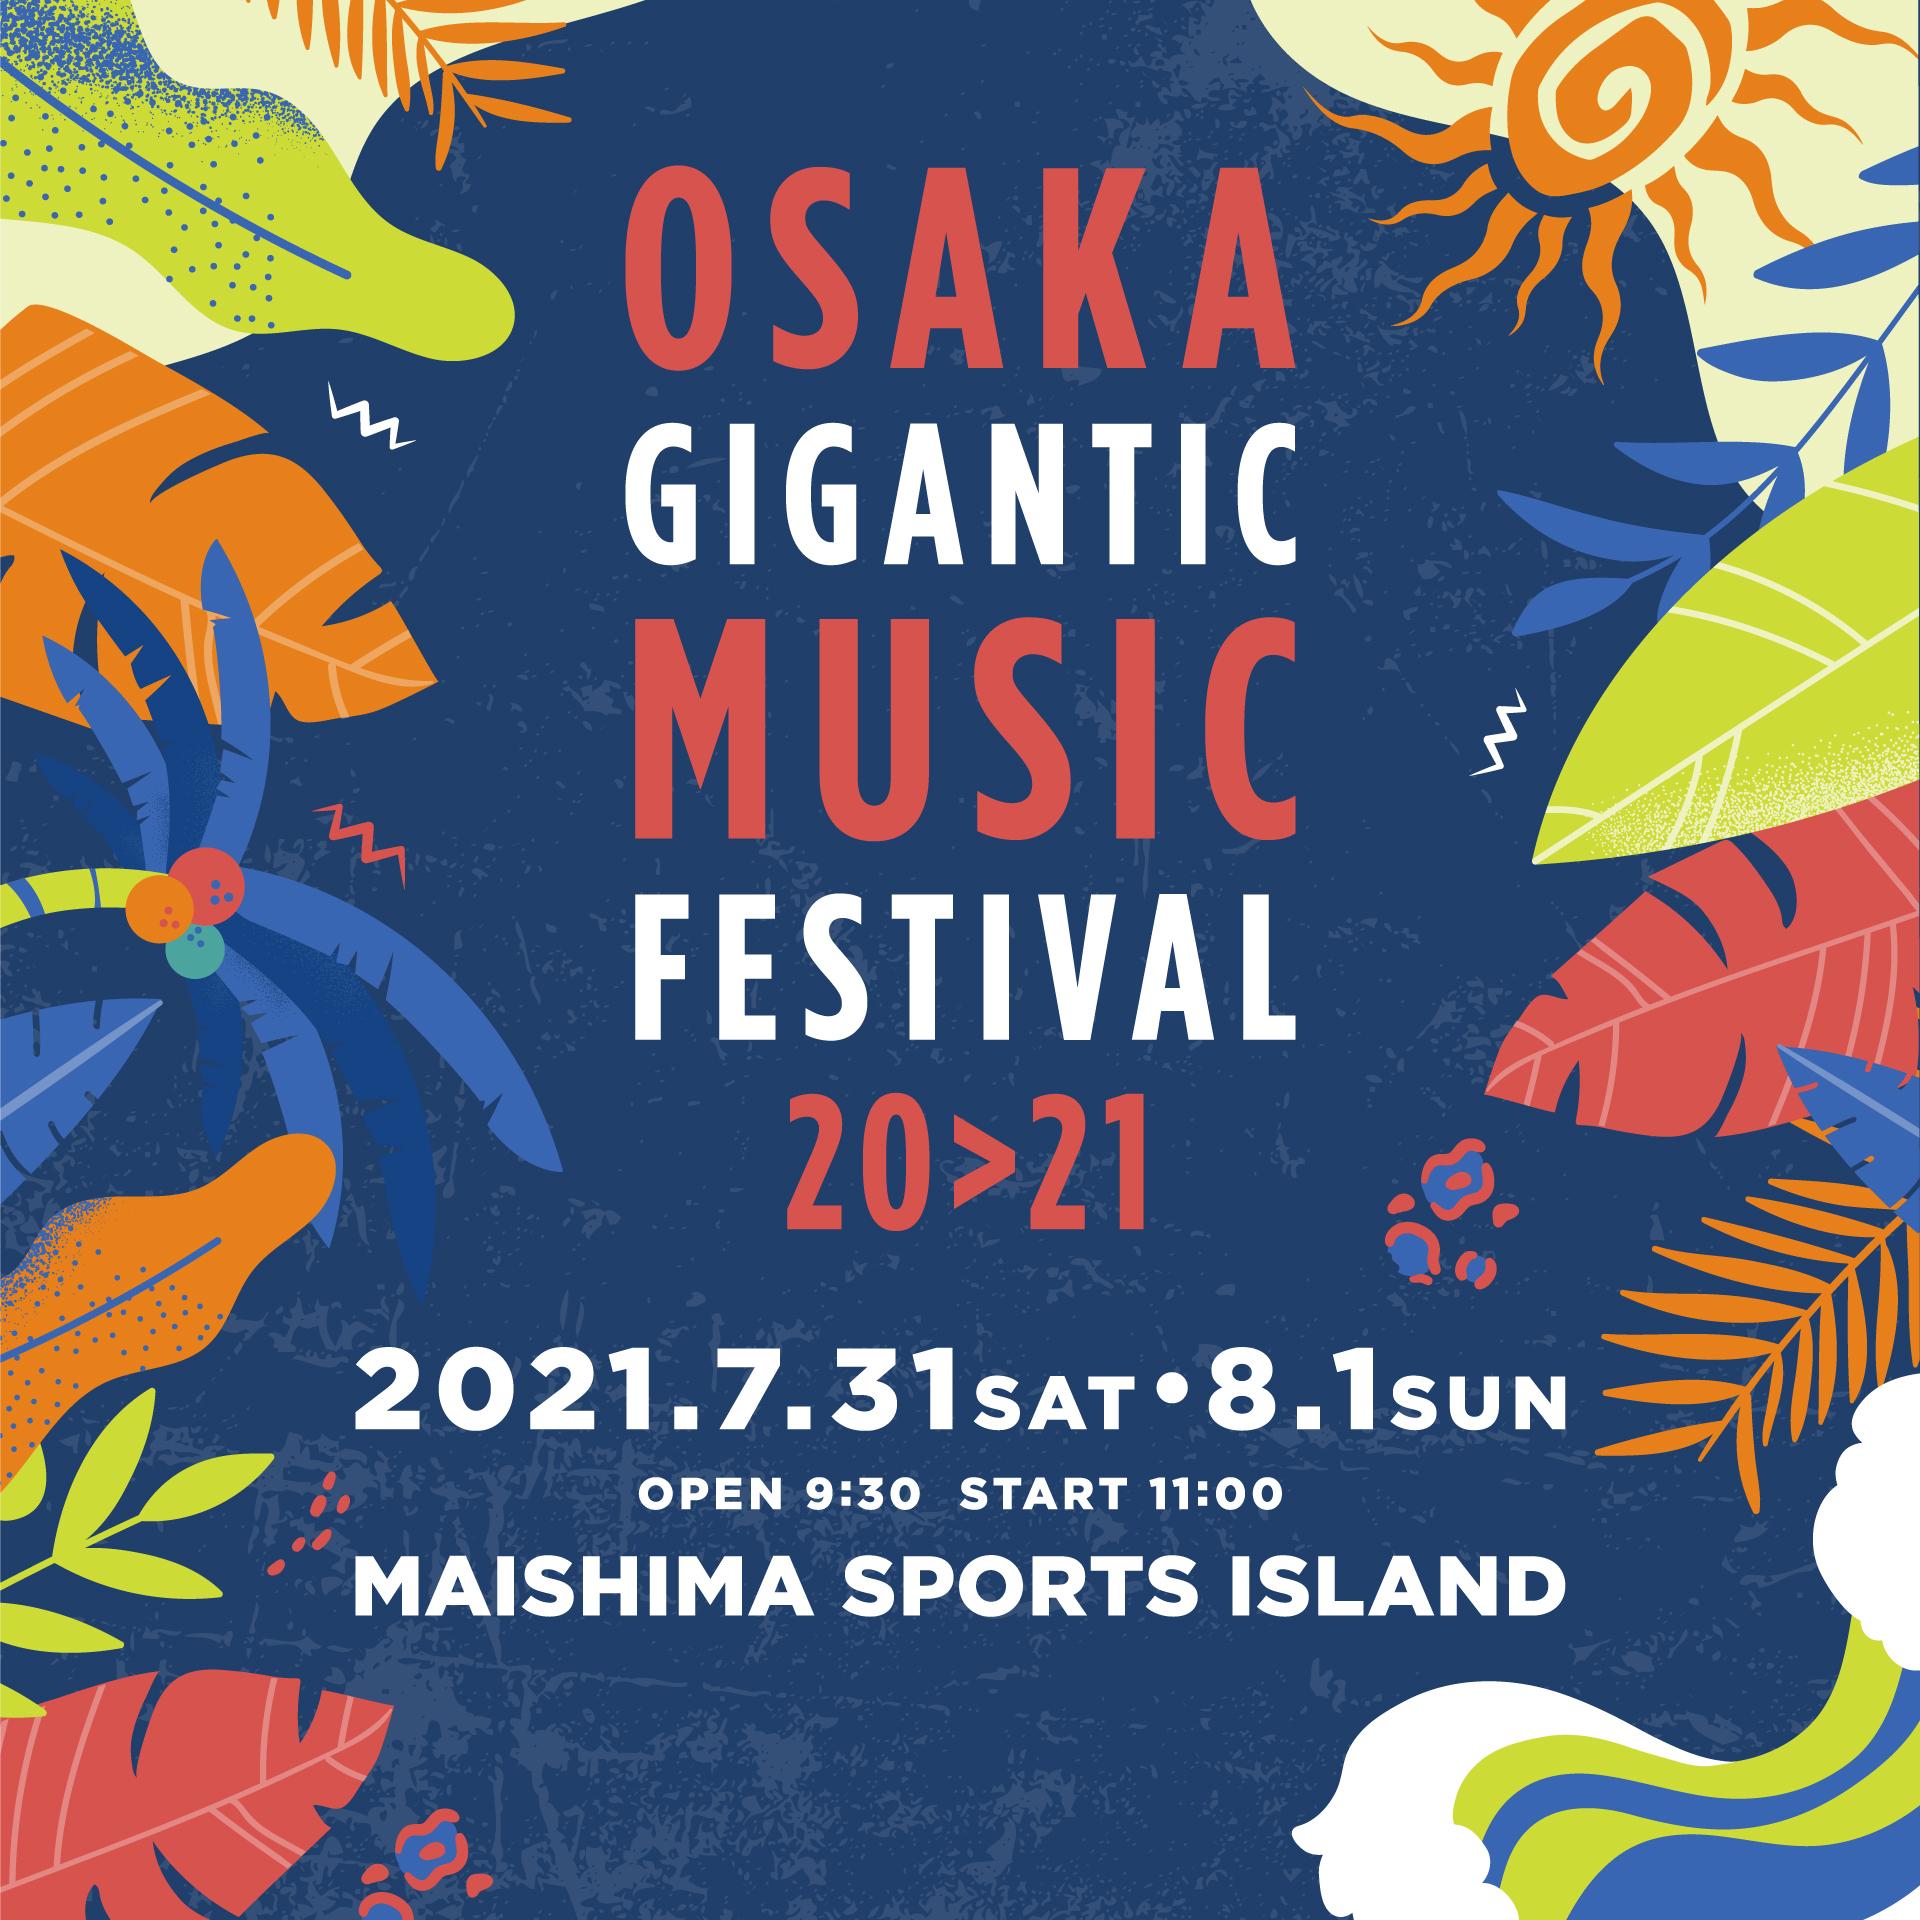 『OSAKA GIGANTIC MUSIC FESTIVAL 20>21』